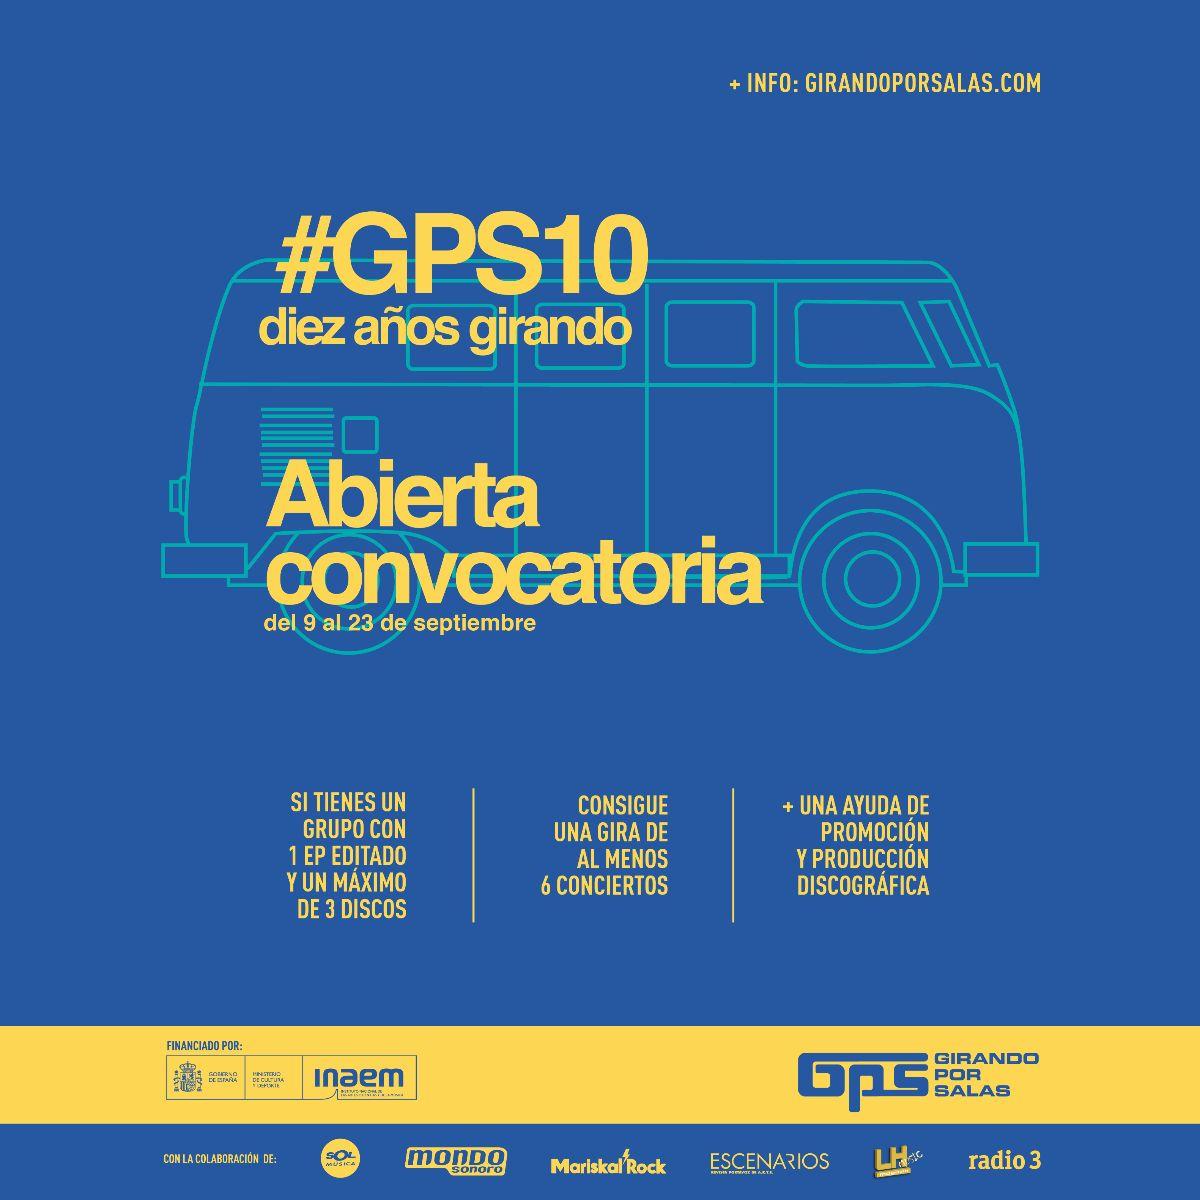 #GPS10 - Girando Por Salas